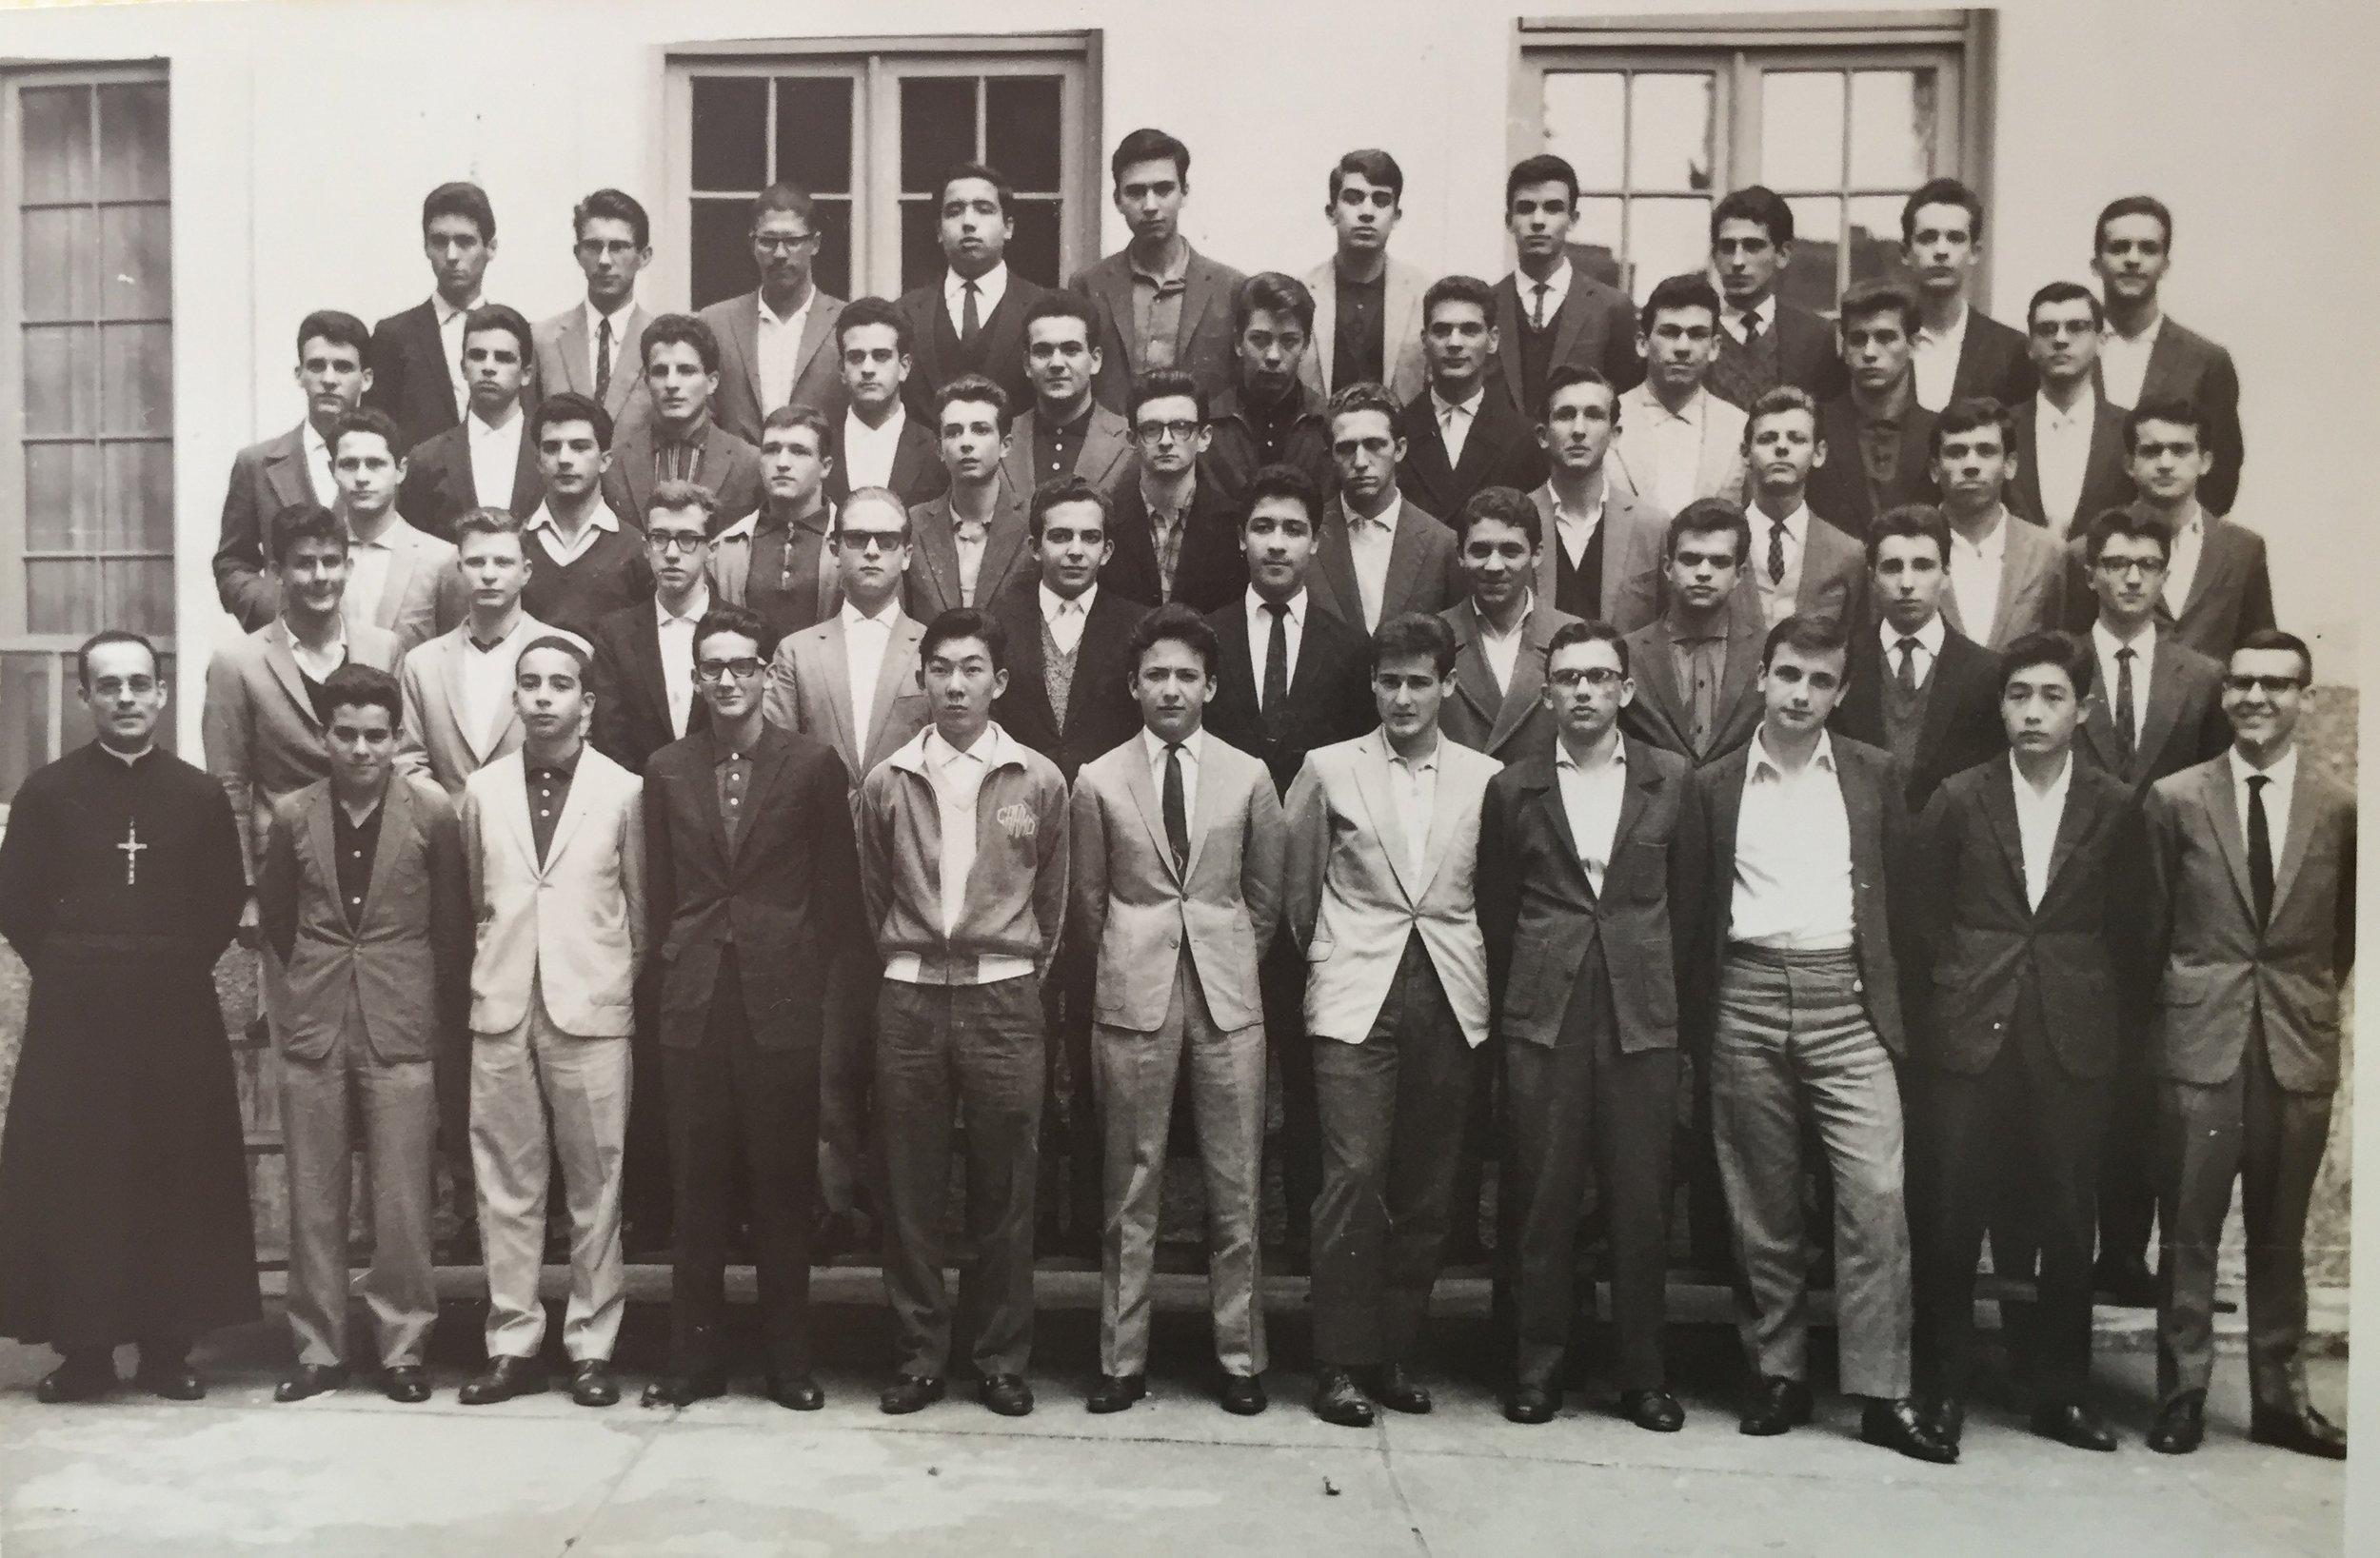 CARMO - 2o Cientifico - 1962 Ir. Afonso.jpg